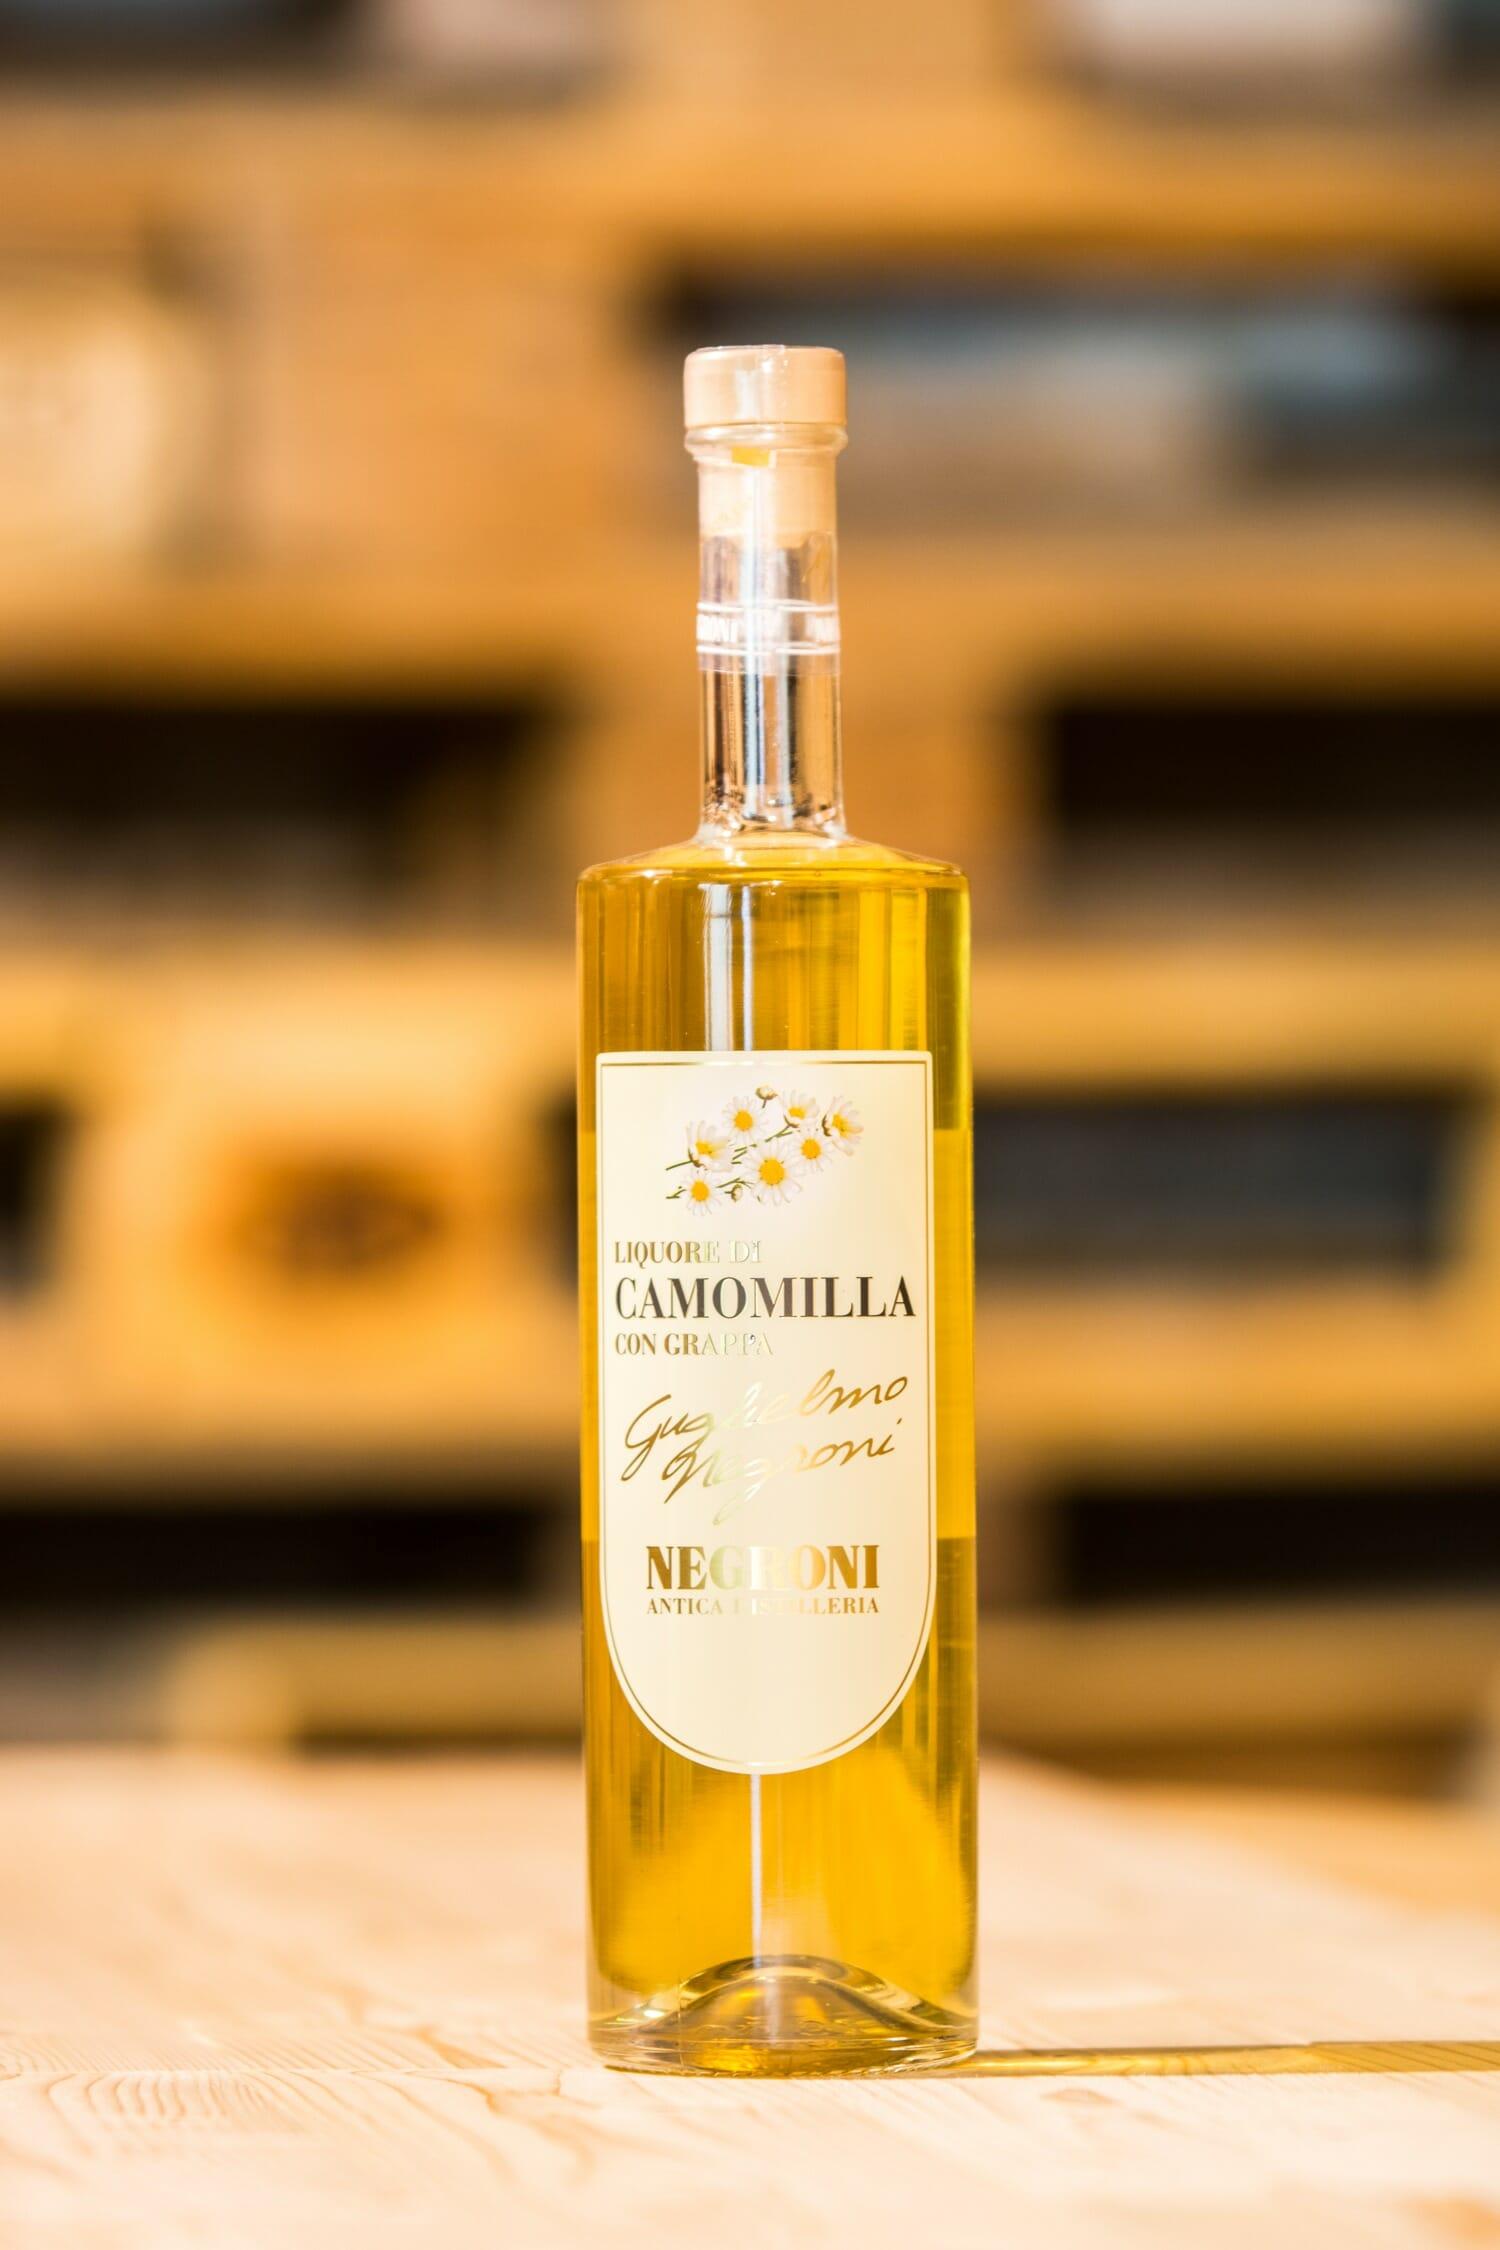 Negroni Liquore Camomilla con Grappa